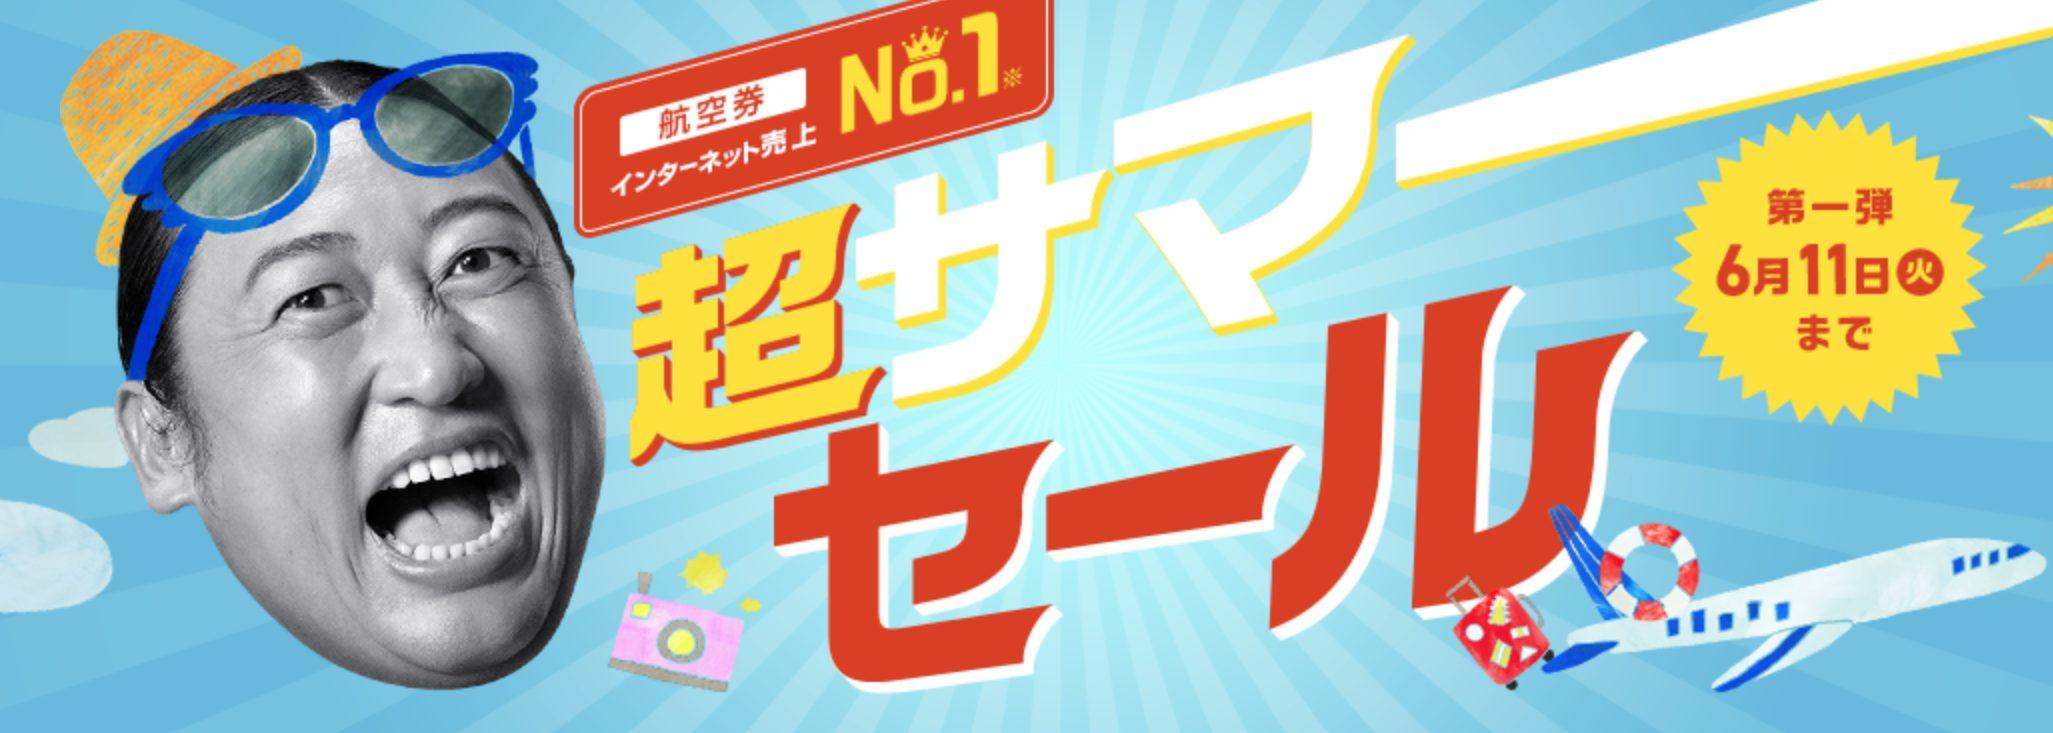 【エアトリ】超サマーセール2019